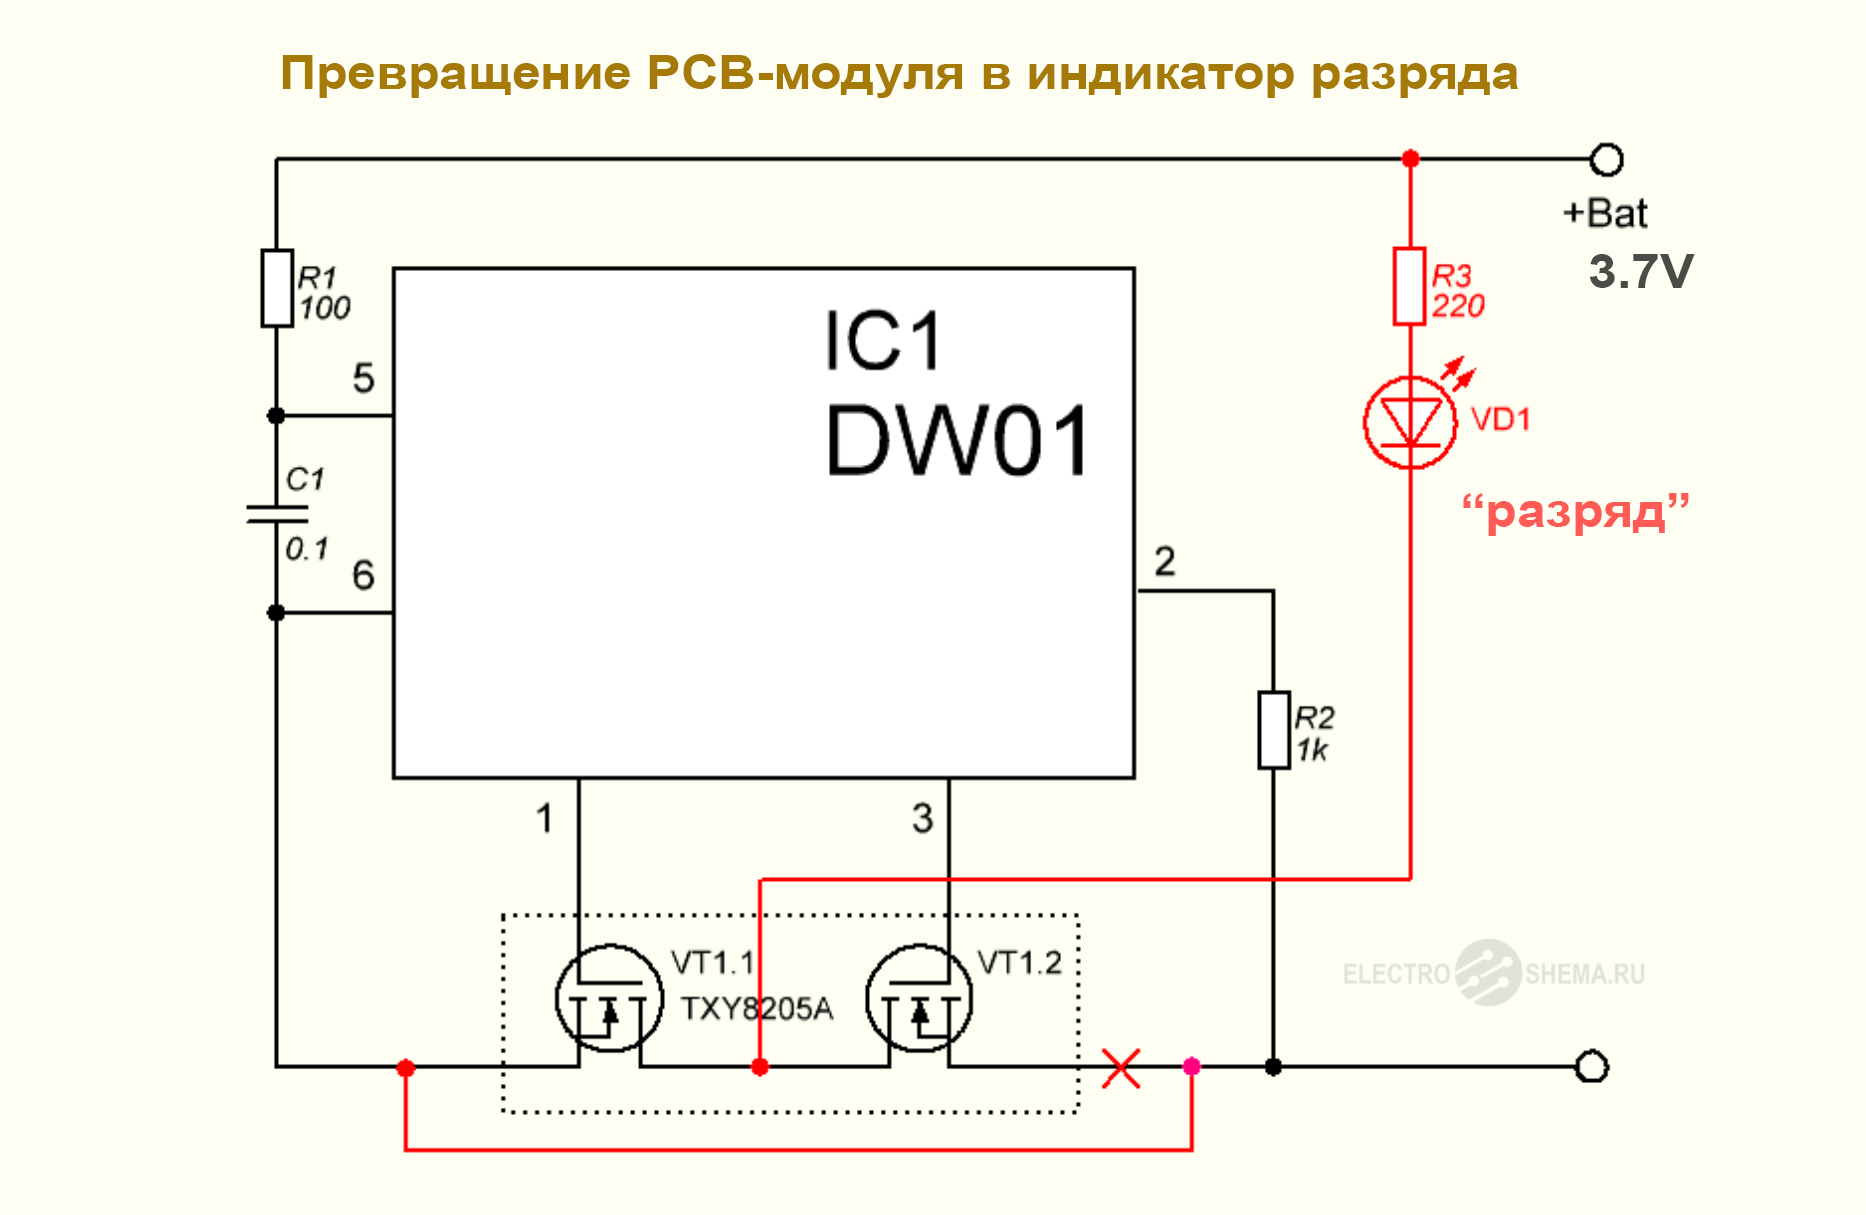 emitenta opcijas raksturlielums)